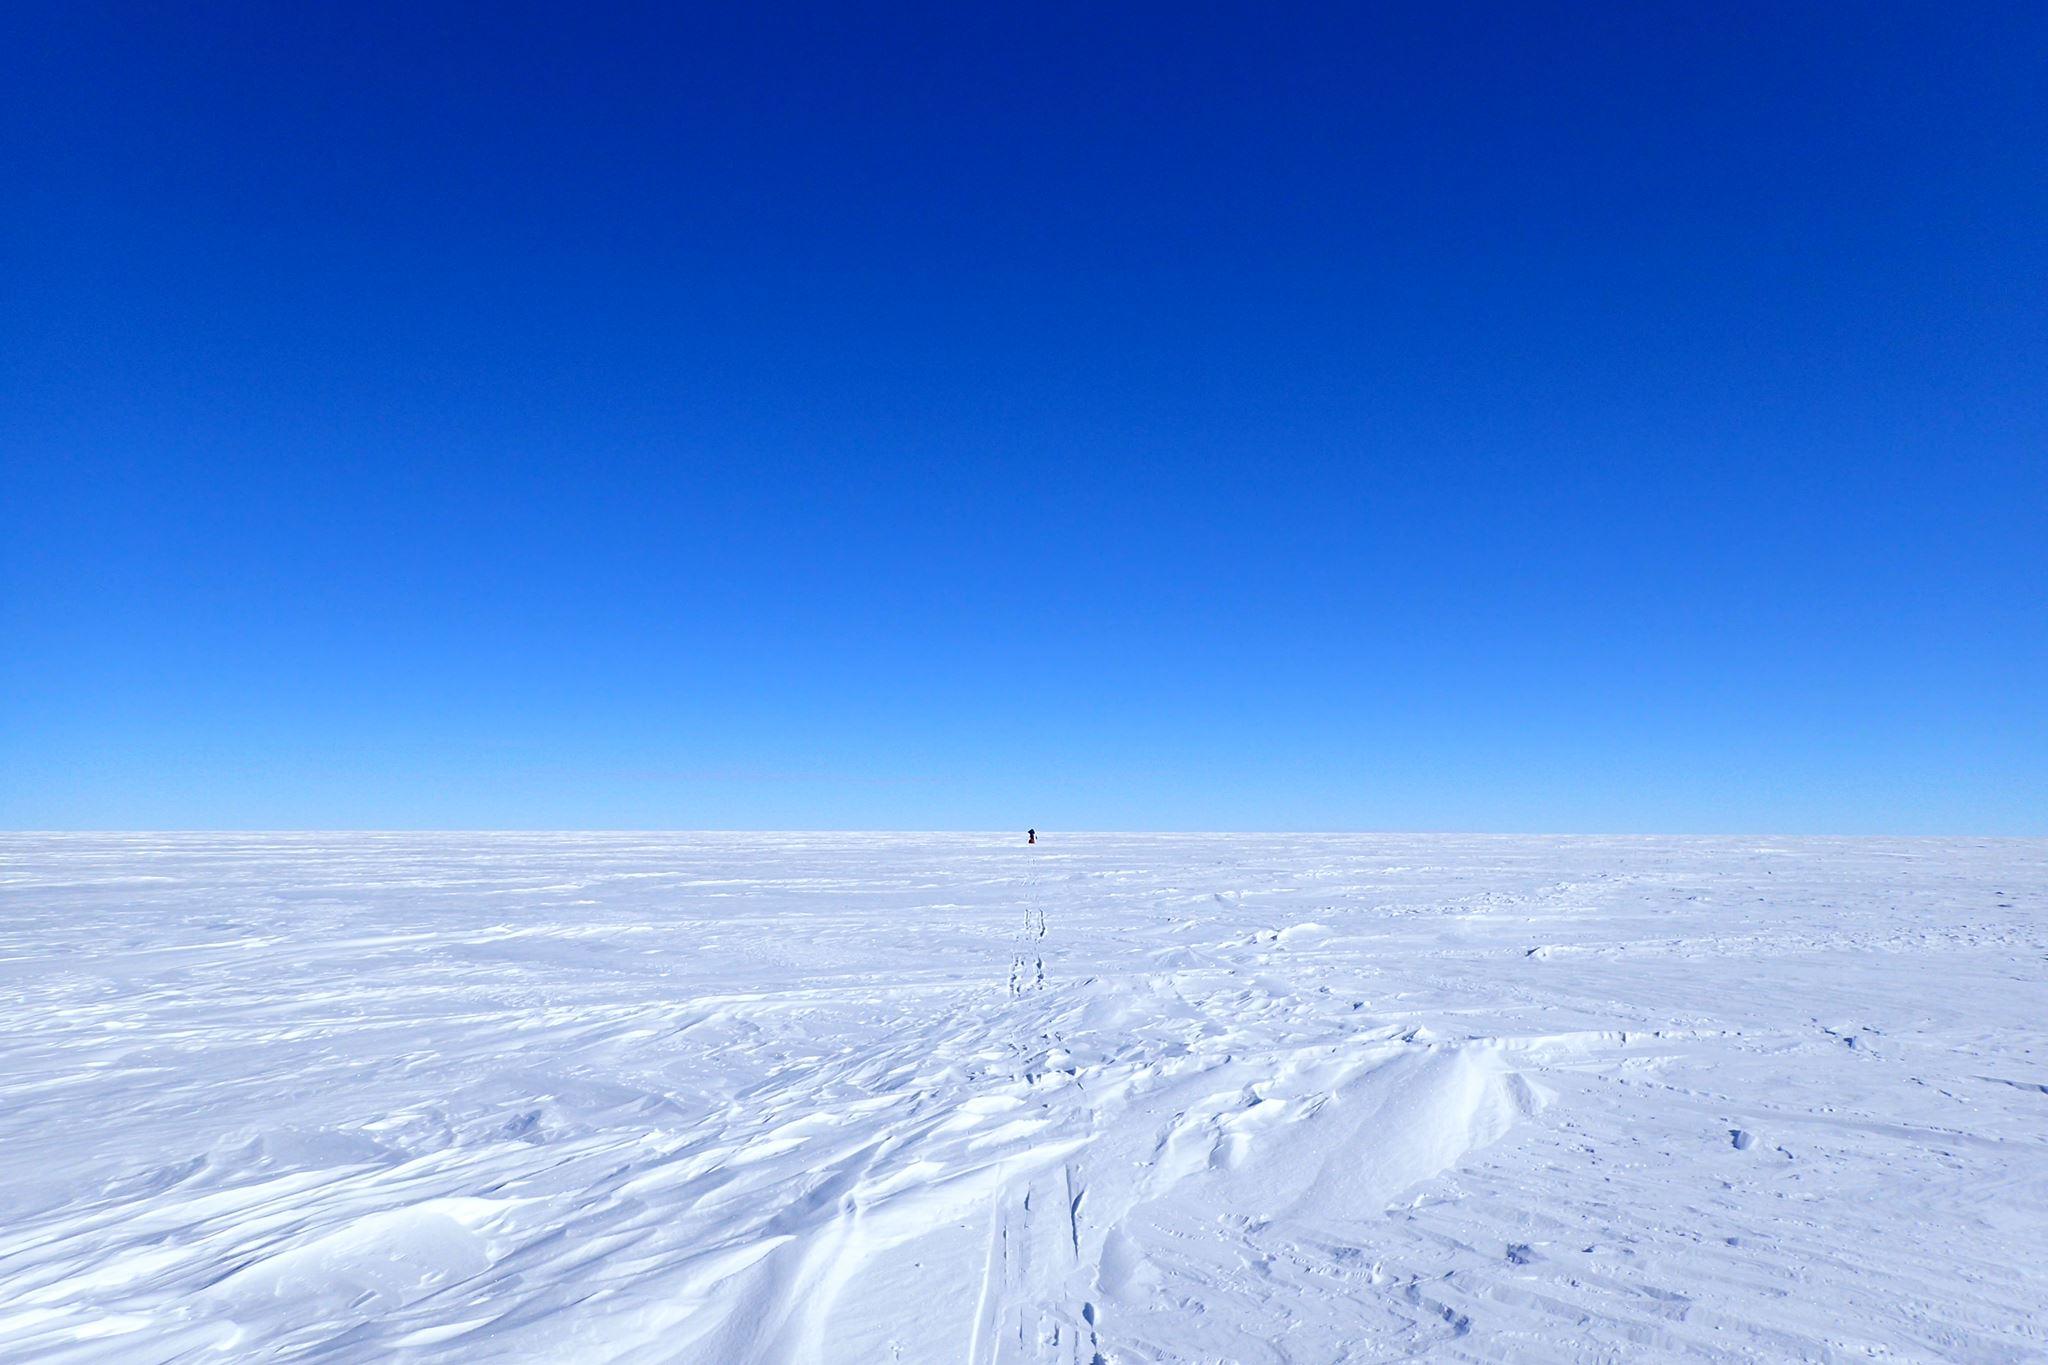 南極までソリを引いて、スキーで南極点へ向かう360度何もない景色。